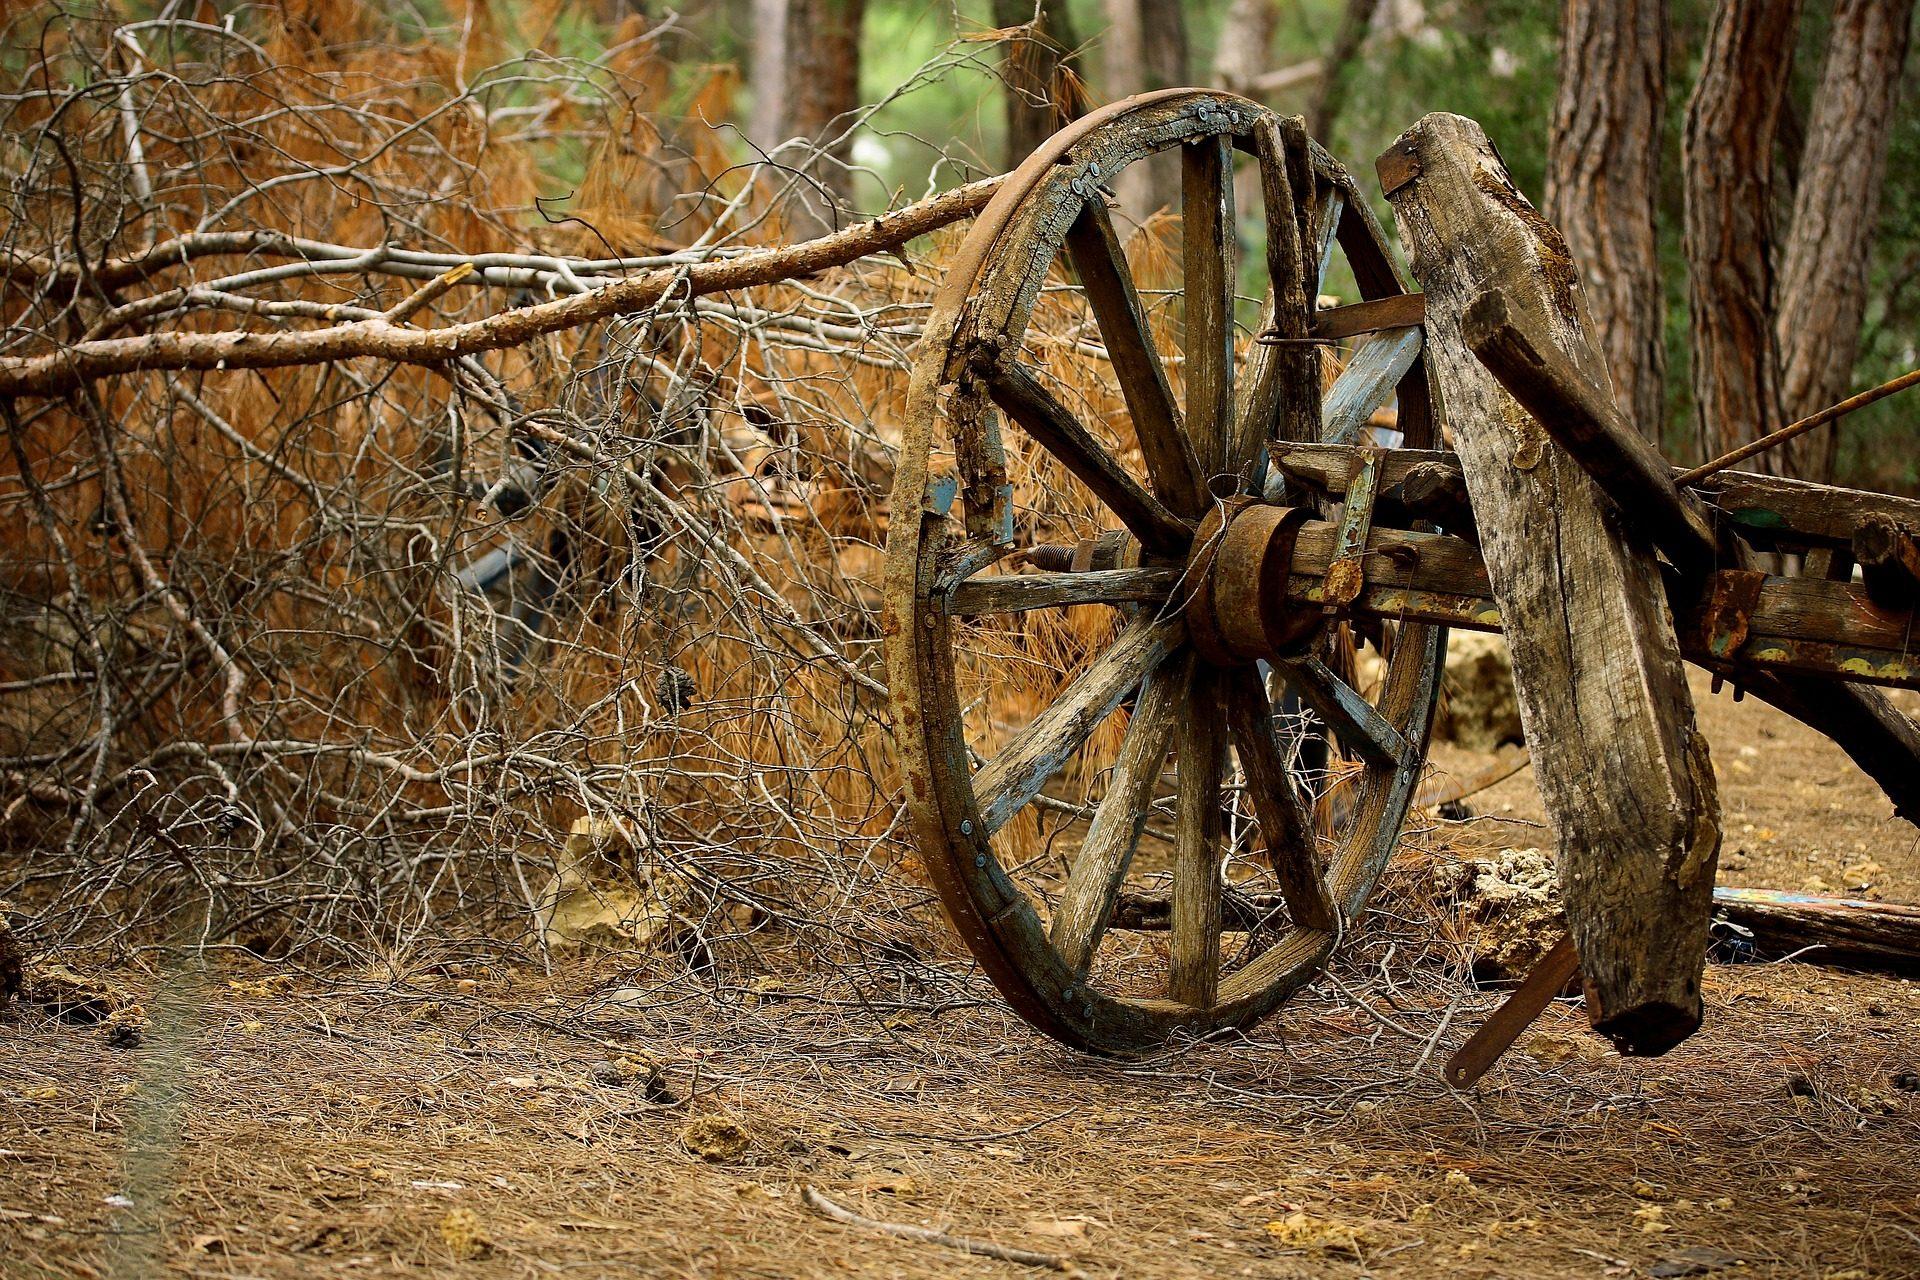 panier, wagon couvert, roue, chasse-neige, bois, branches - Fonds d'écran HD - Professor-falken.com